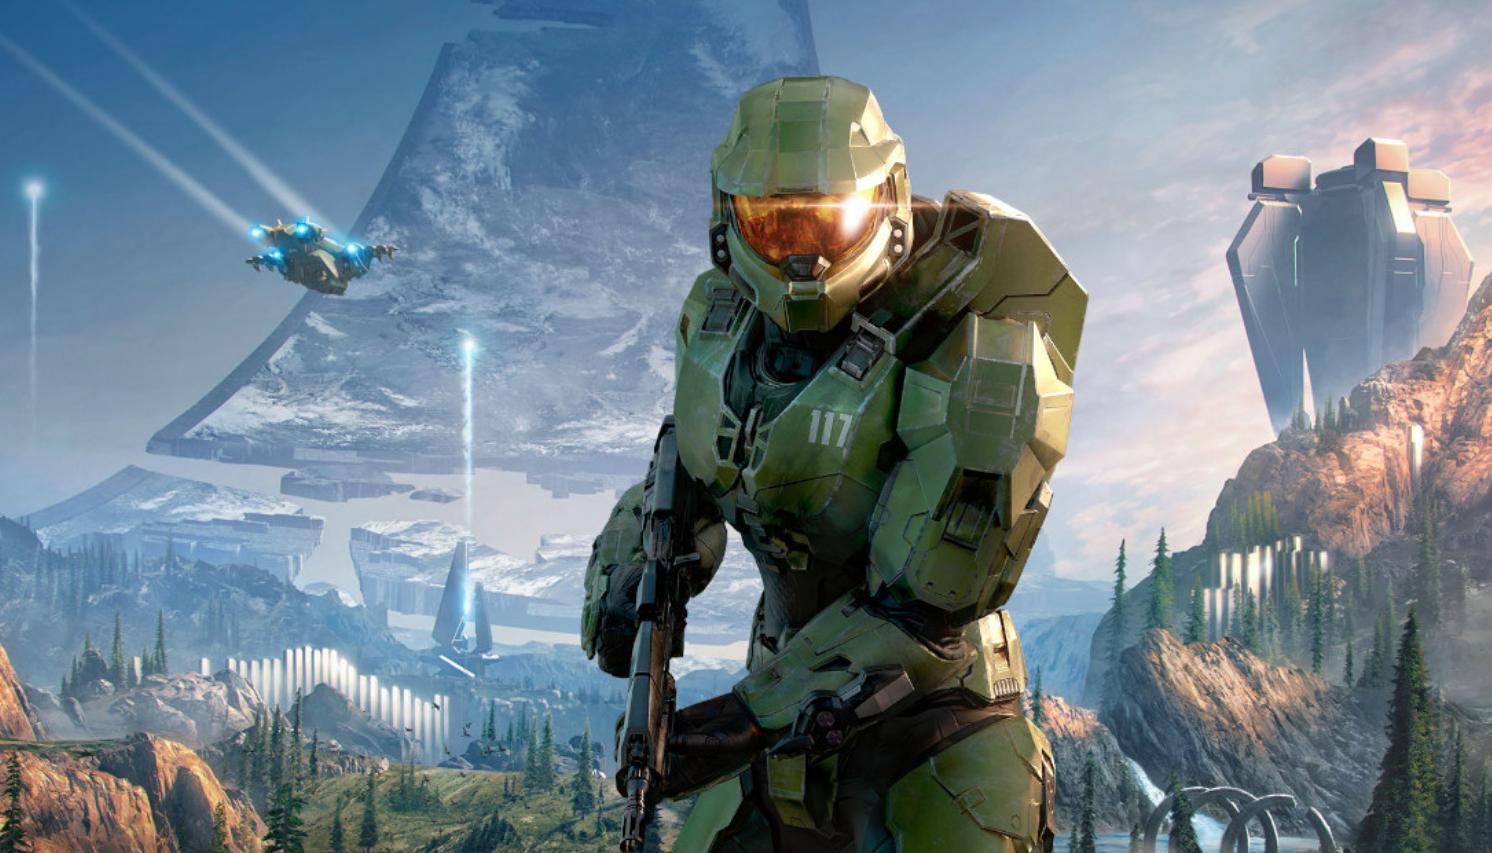 Что теперь скажете? 🙀 343 Industries показала обновленную графику Halo Infinite 🚀